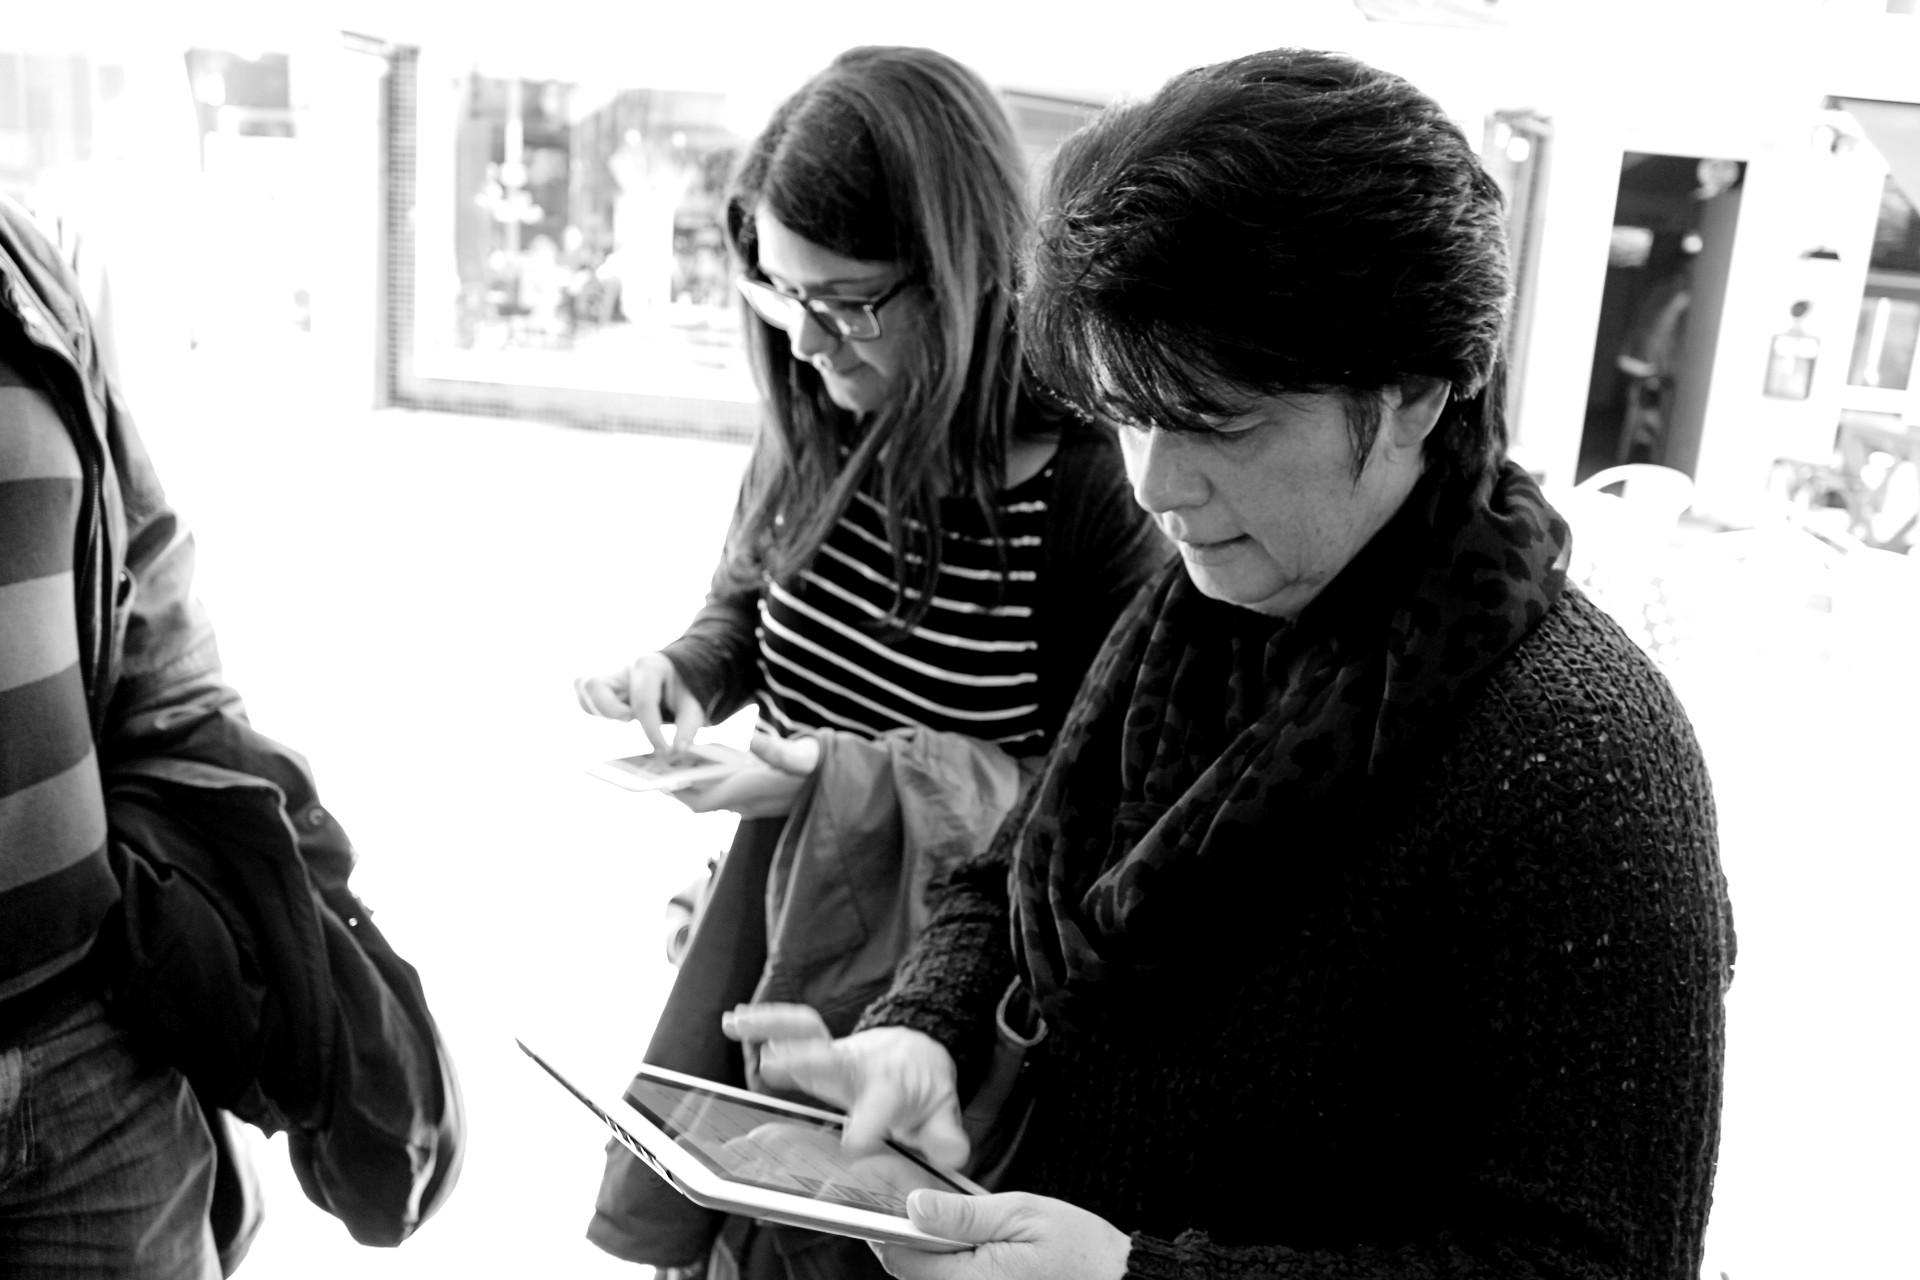 Ärger an der Siegbrücke - Tablet-Rallye durch die Siegener Innenstadt